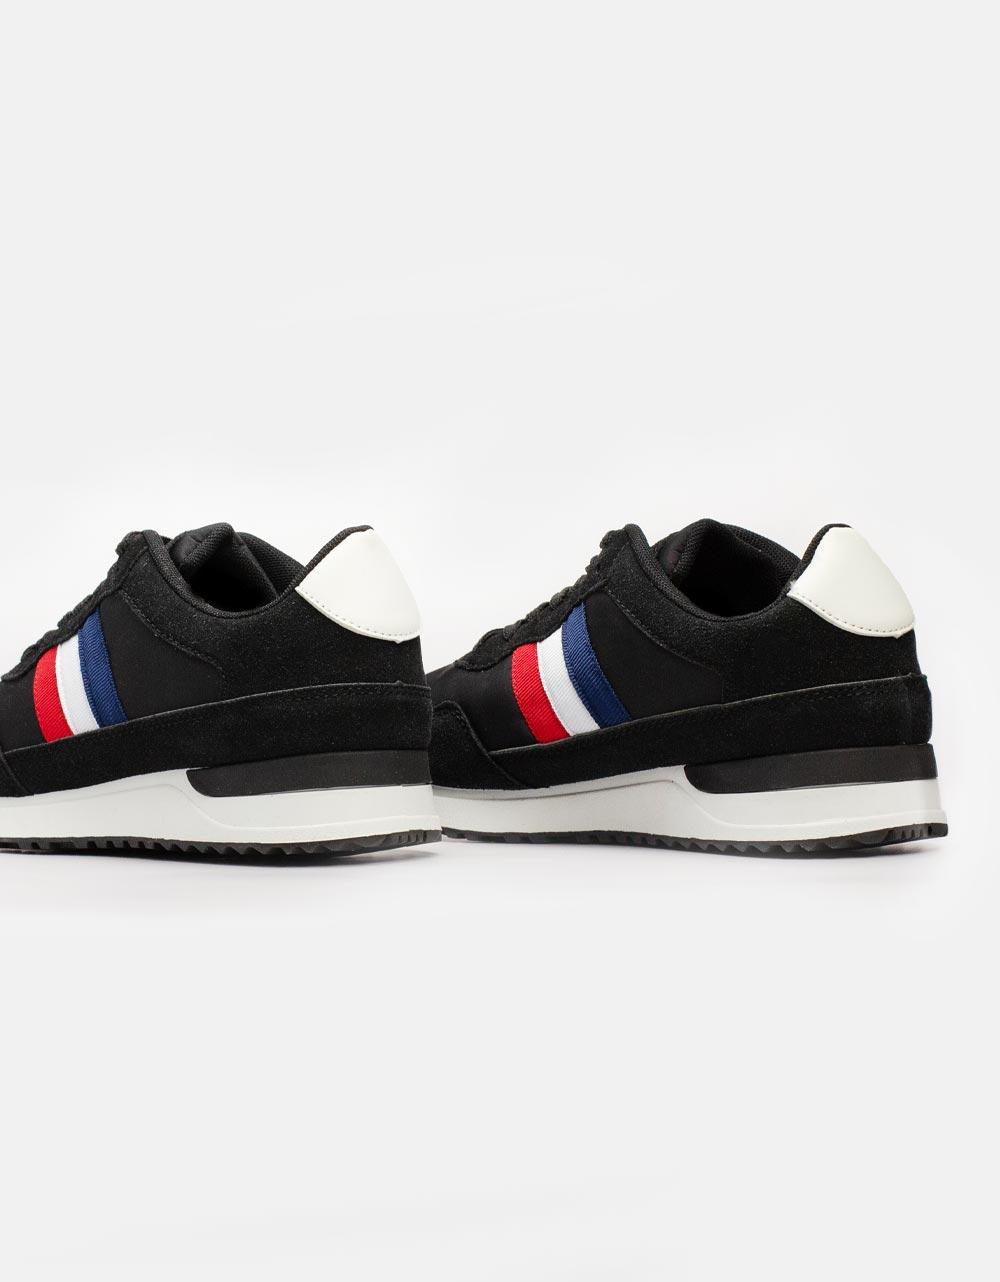 Εικόνα από Ανδρικά sneakers με ανάγλυφες λεπτομέρειες Μαύρο